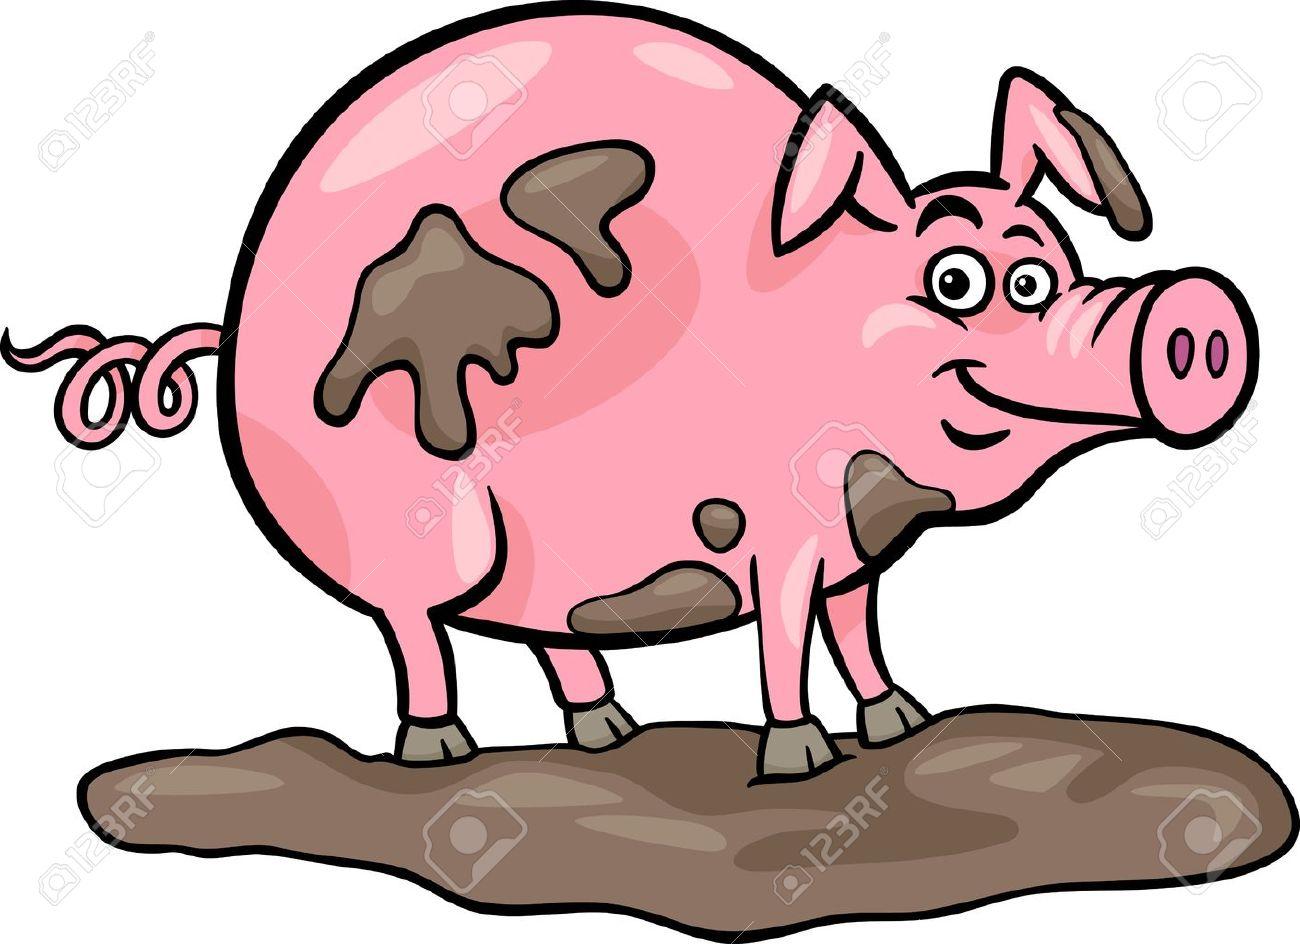 Cartoon Illustration of Funny Pig Farm Animal in Mud - 17897762